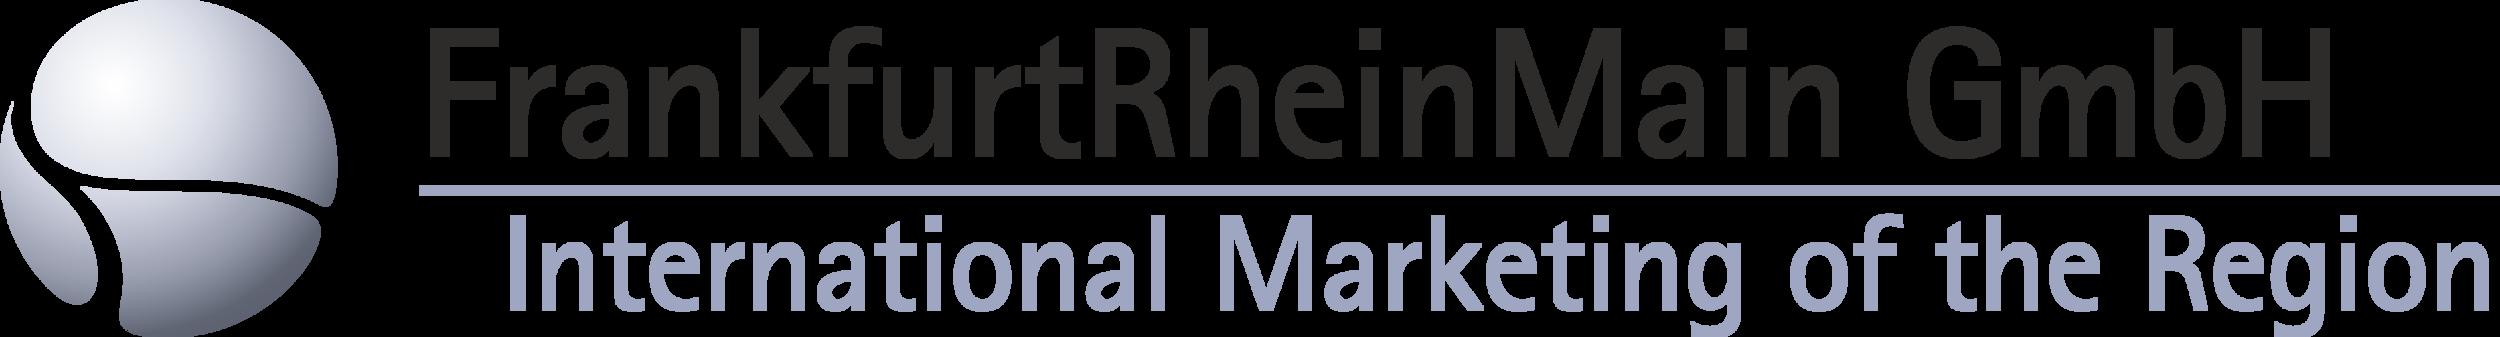 FRM_sponsoring_logo_laengs_rgb.png